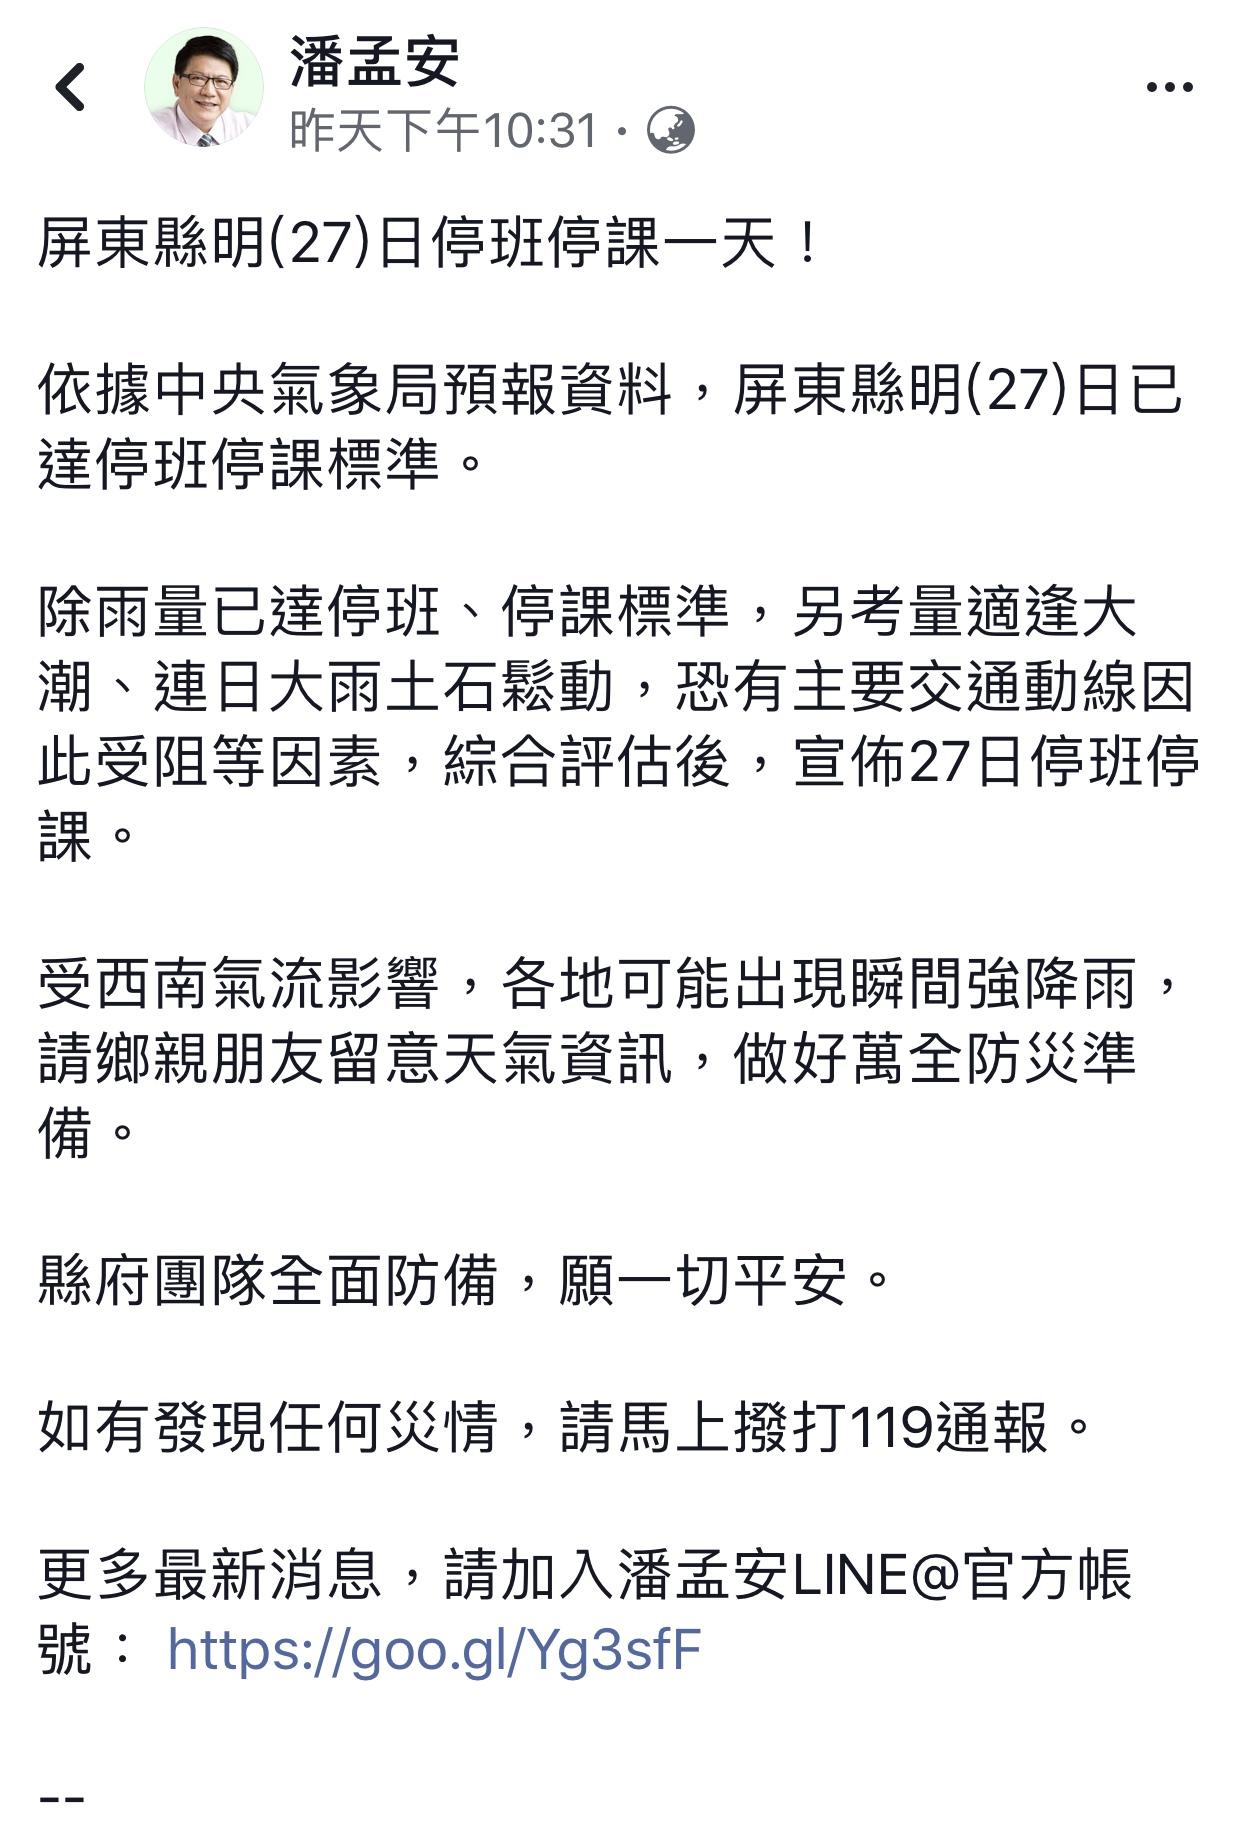 屏東縣長潘孟安臉書昨晚宣布今天停班停課後開始湧入許多網友留言。記者蔣繼平/翻攝